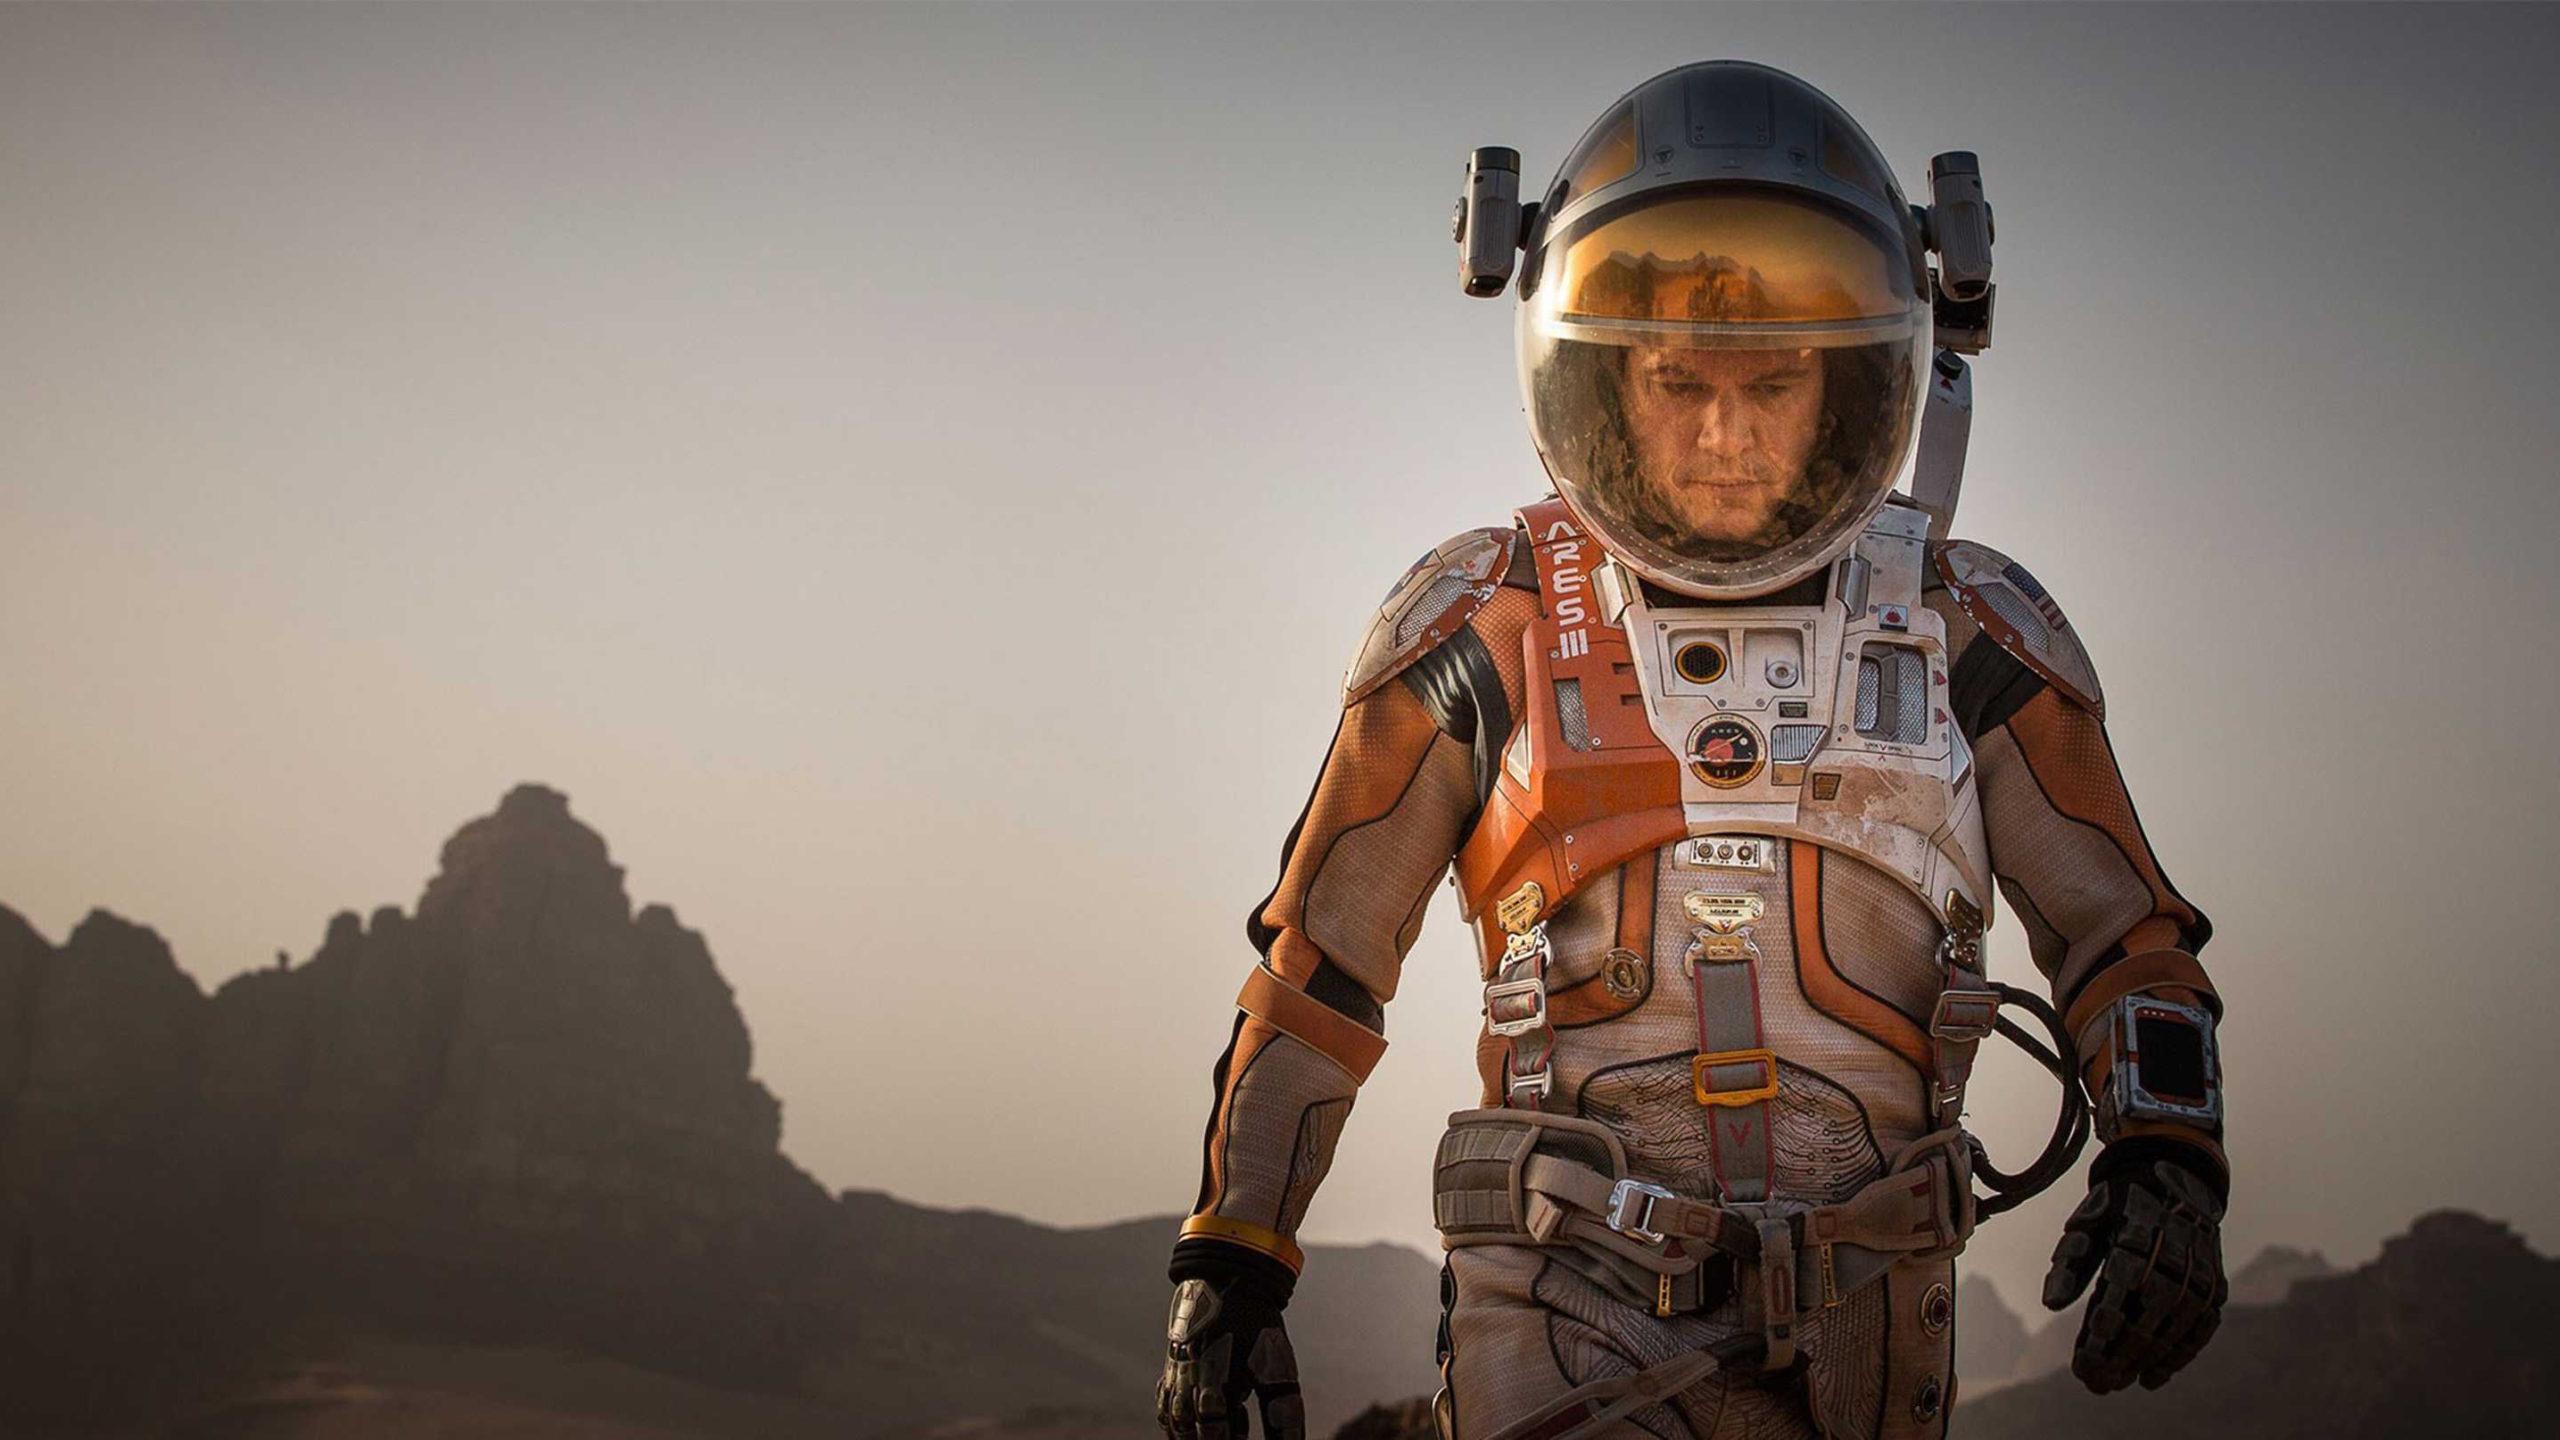 Будущее близко: в 2024 могут запустить ракету на Марс